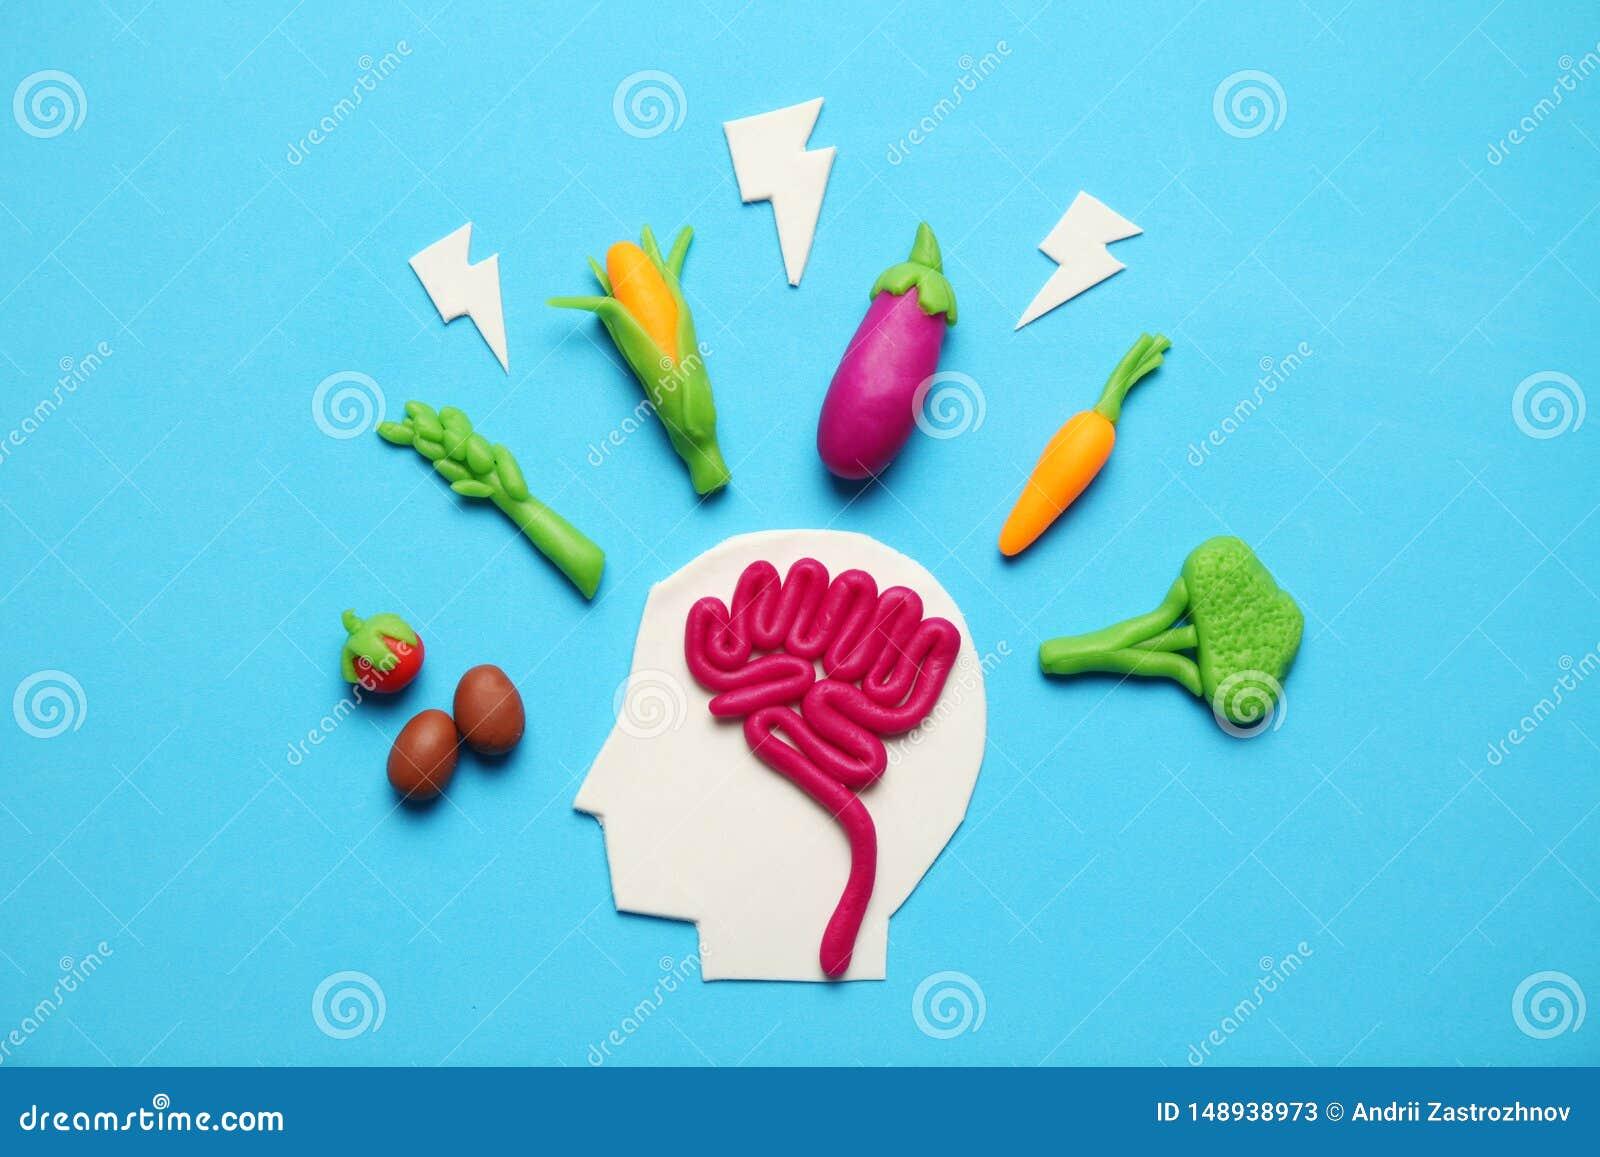 Plastellinadiagram av mannen och vegetarisk mat Mat för meningen, laddning av energi Sund livsstil, detoxification och antioxidan